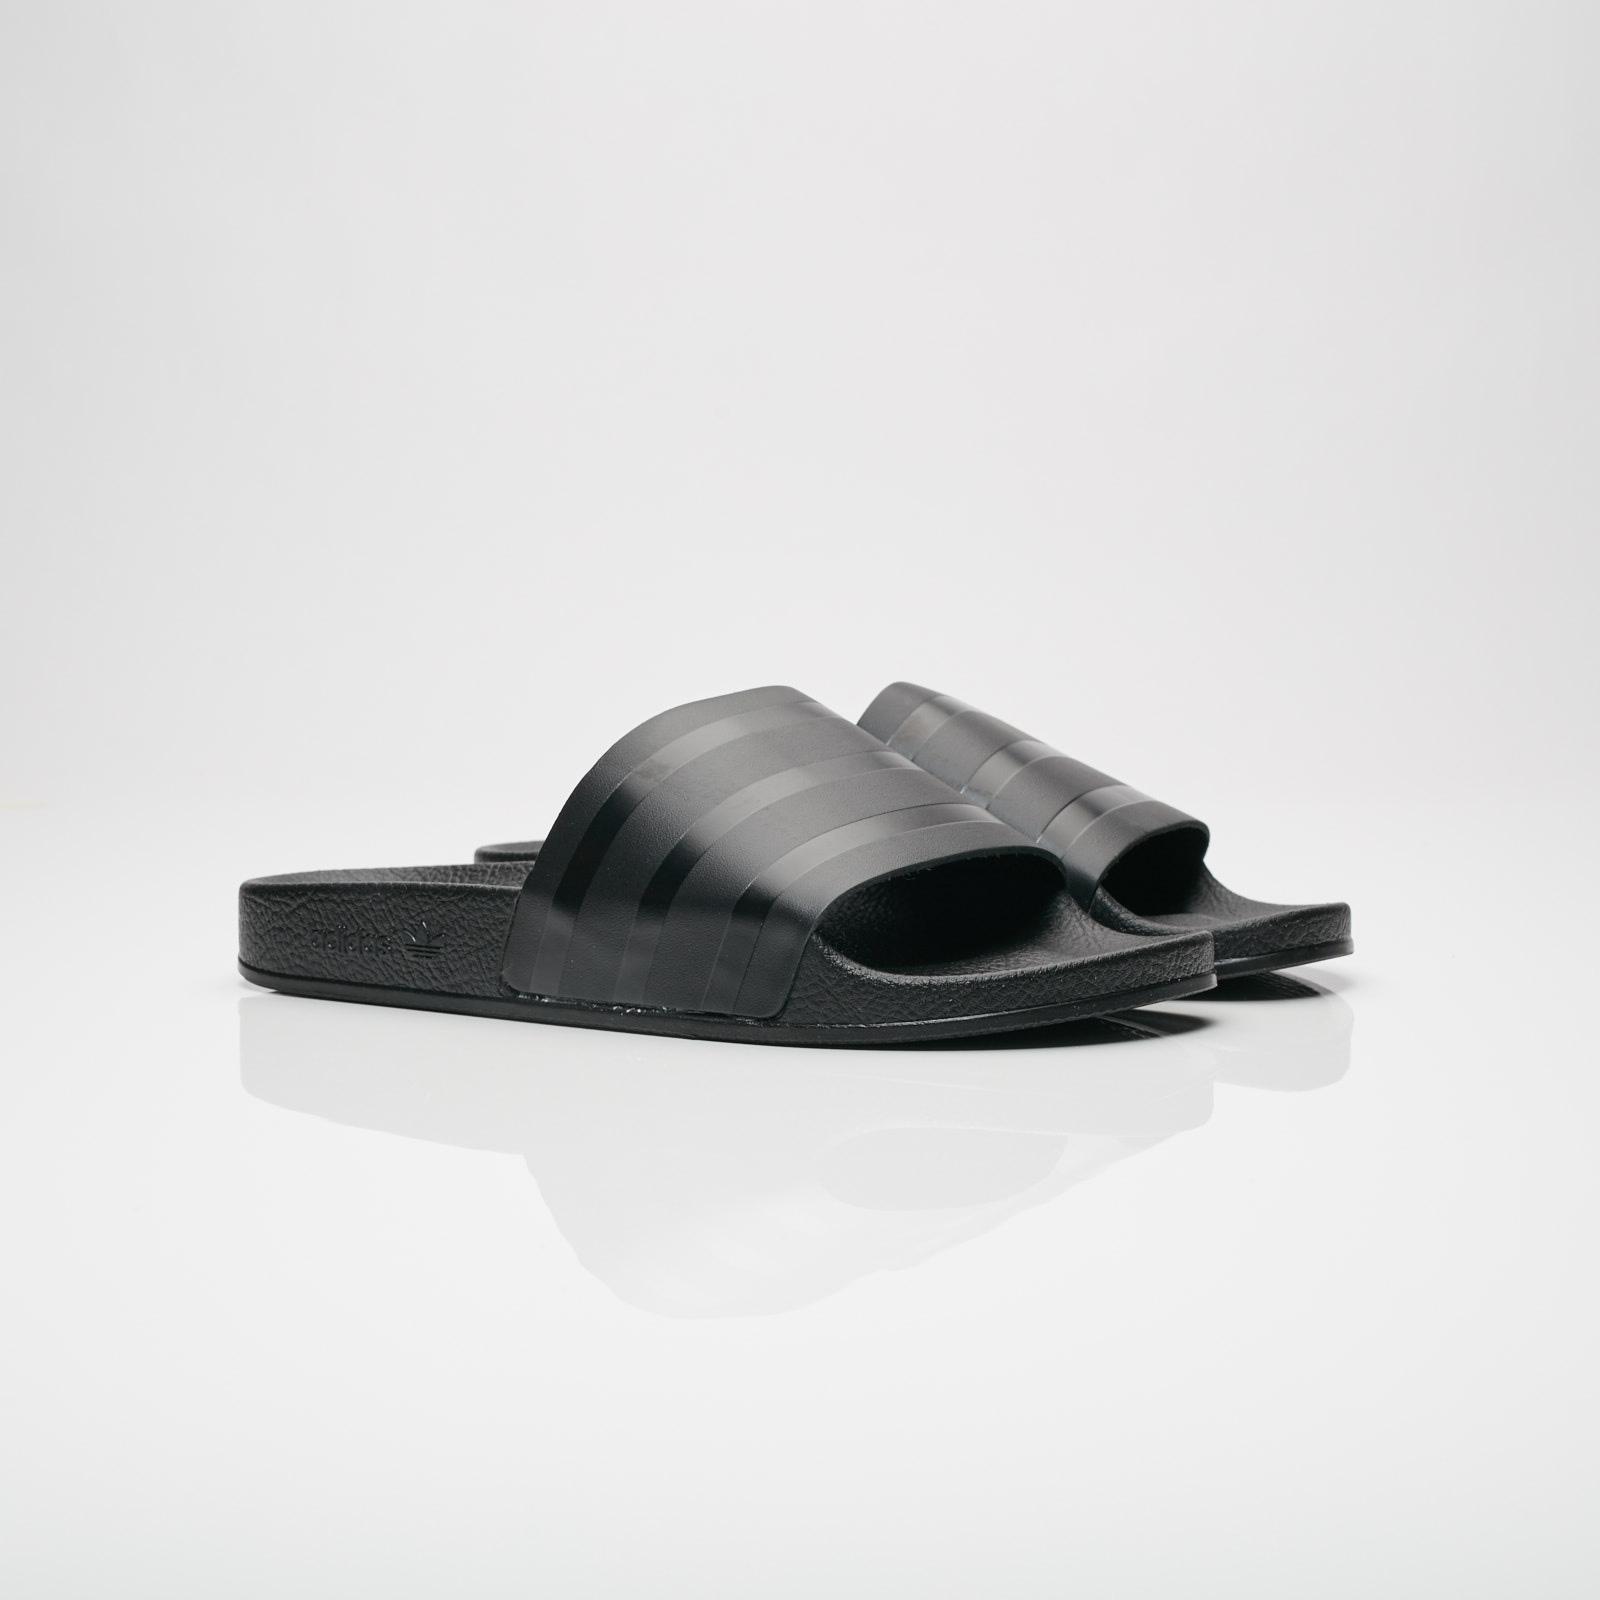 reputable site 18c4f 940ee adidas Originals Adilette